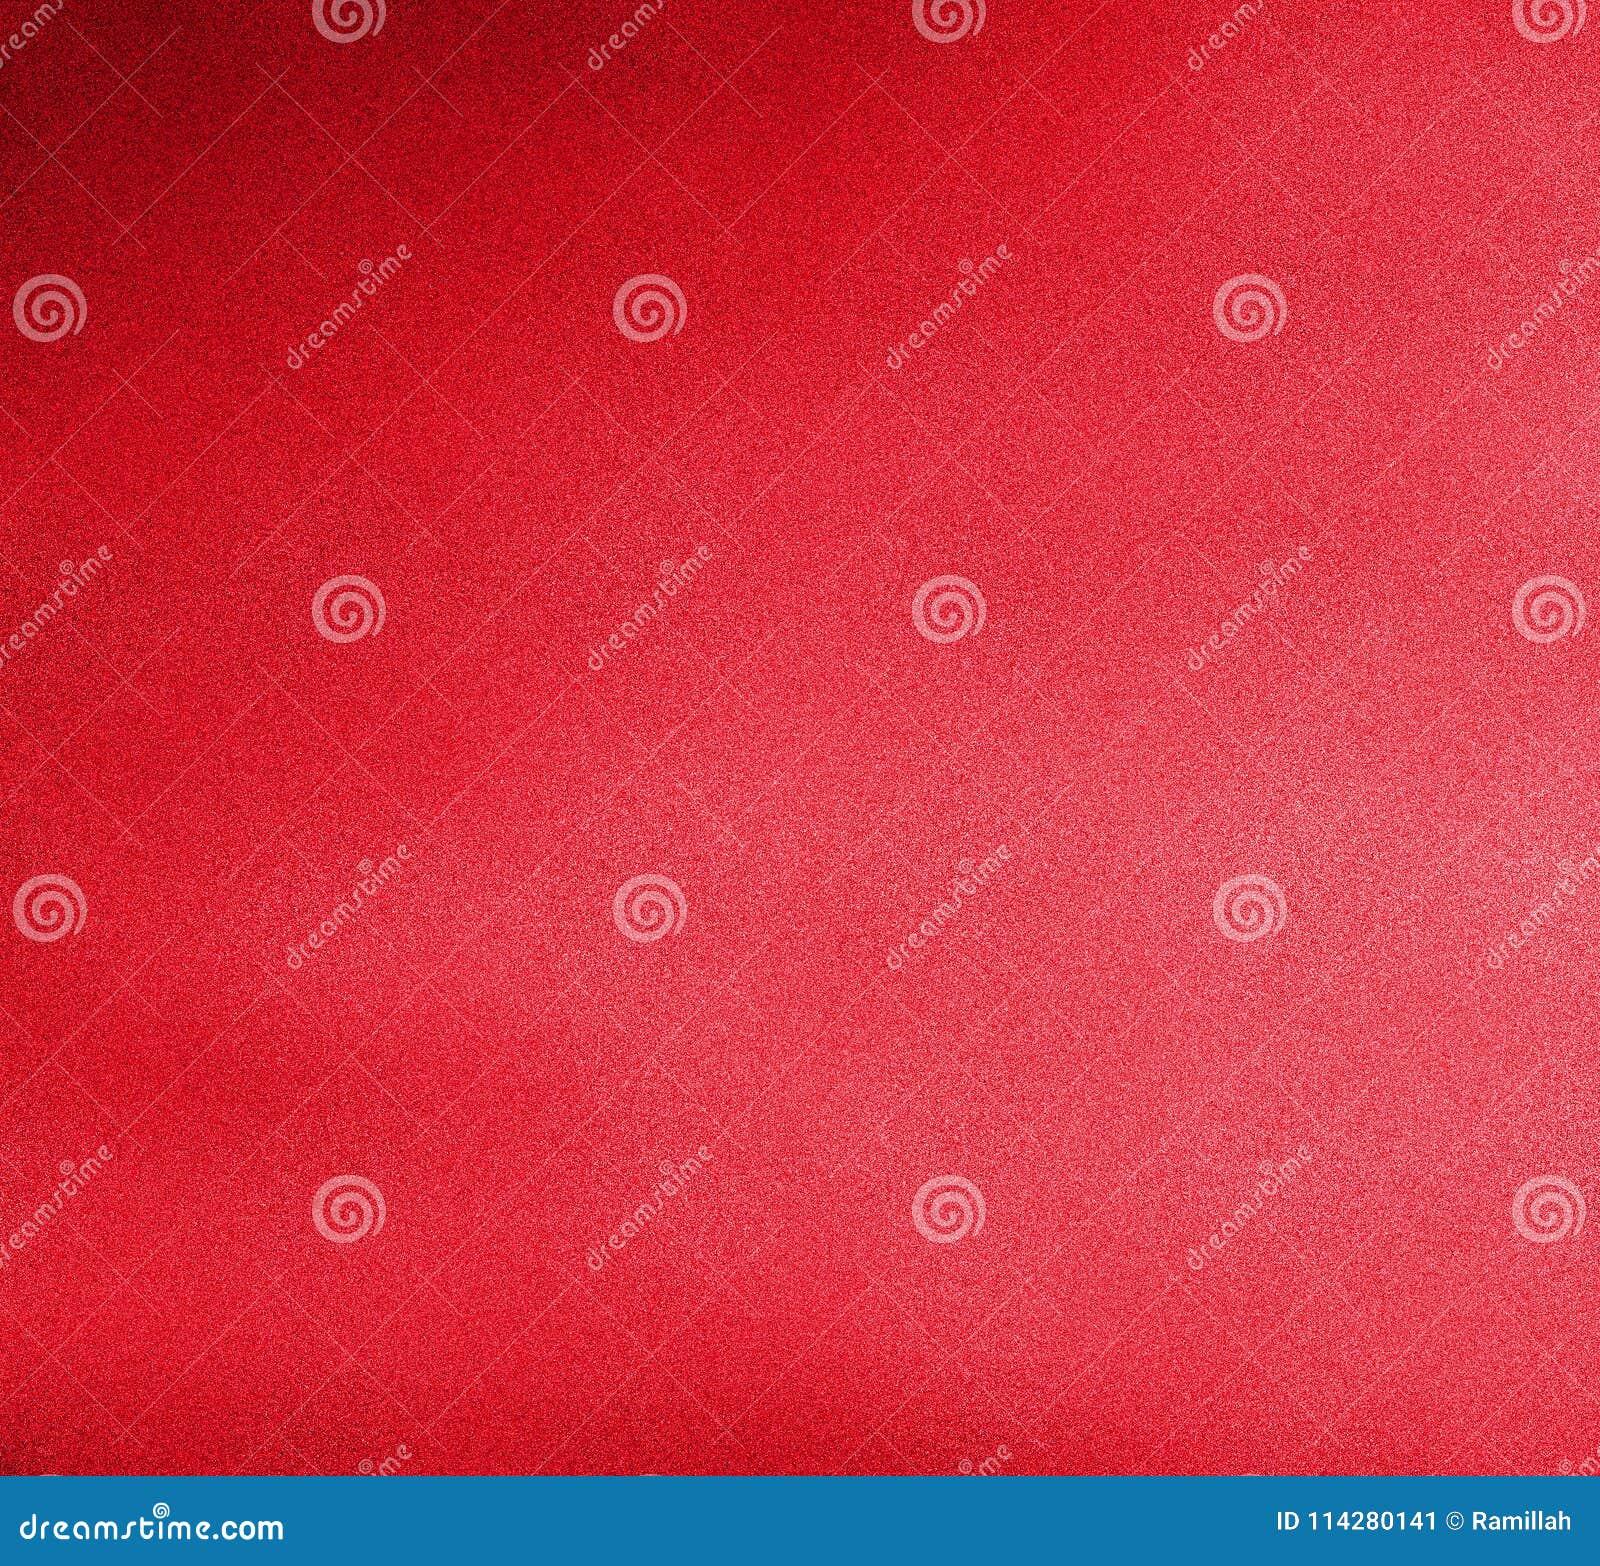 Digitale het Schilderen Kleurrijke Achtergrond in Bloed Rode Kleur op Sandy Grain Layer